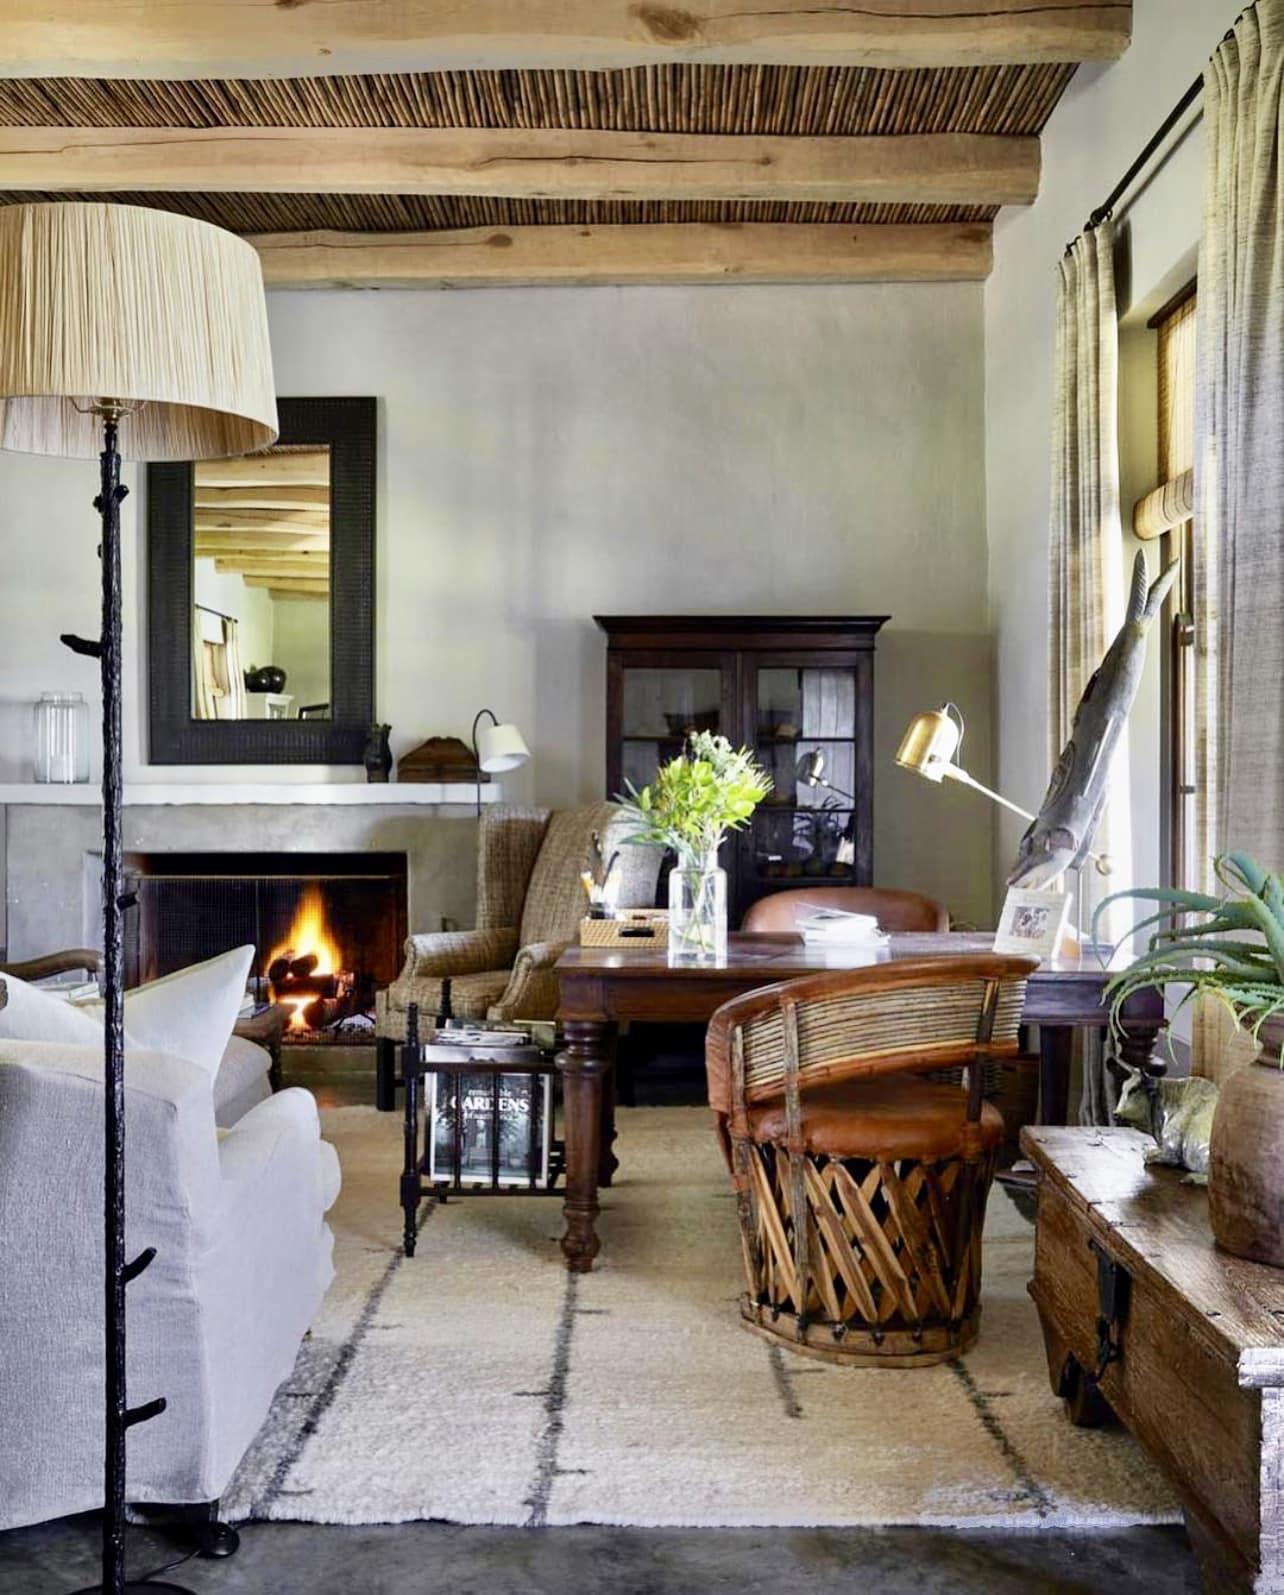 Gregory Mellor Design designed living space